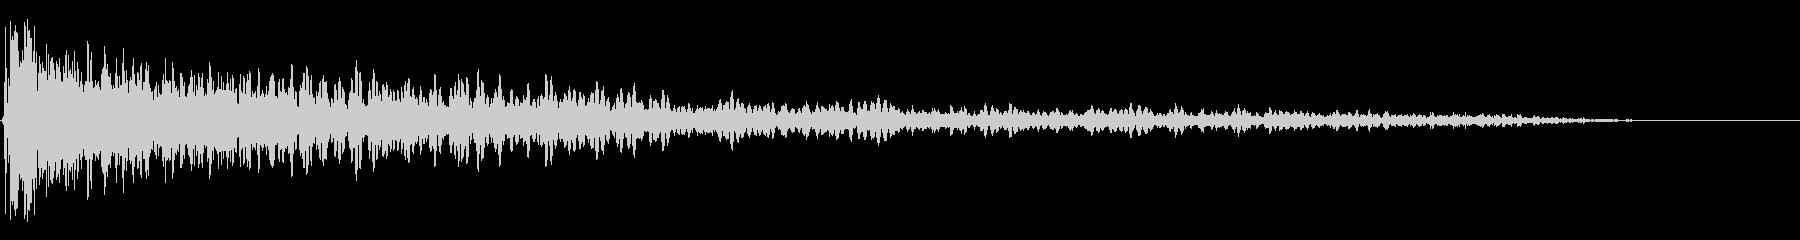 カスケード歪みのダウンによる音色の...の未再生の波形